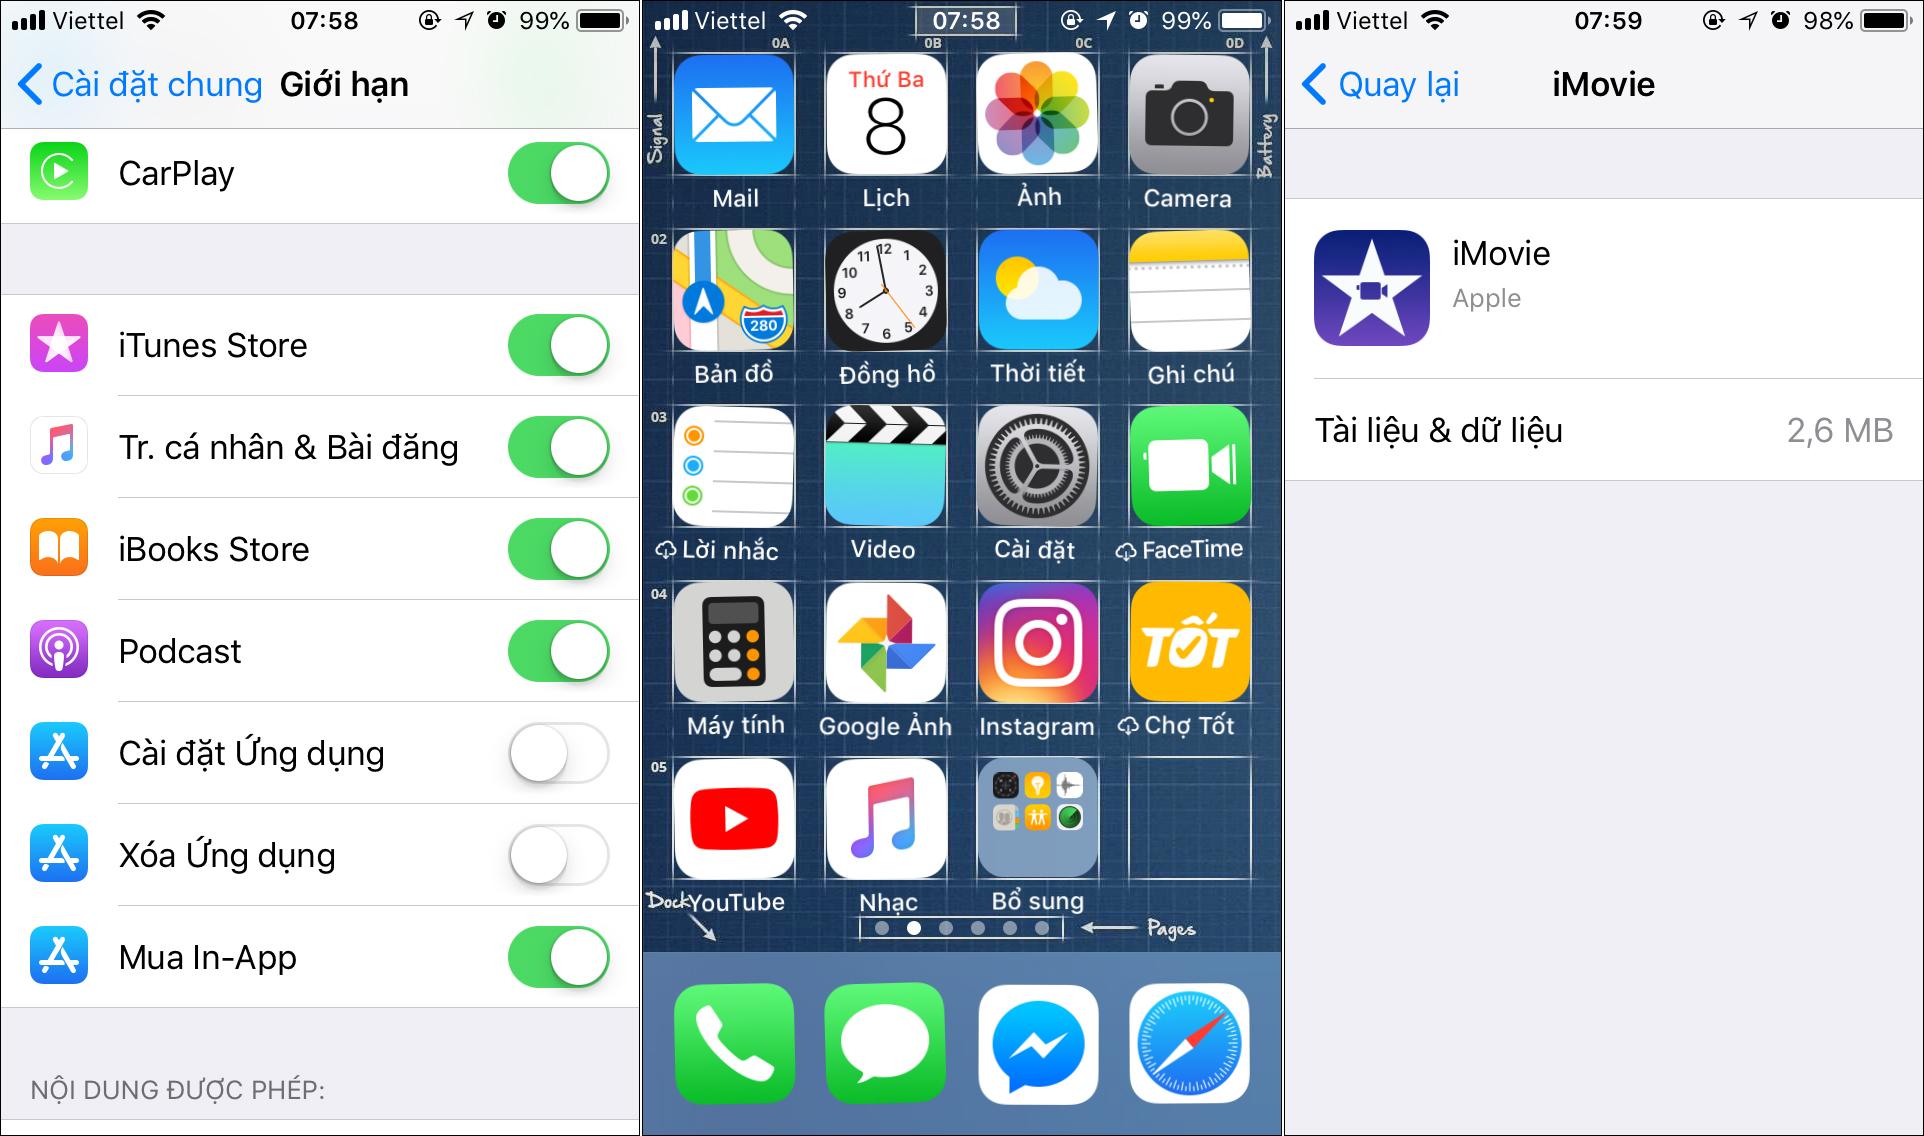 Mẹo cấm trẻ em cài đặt hoặc xóa ứng dụng trên iPhone, iPad